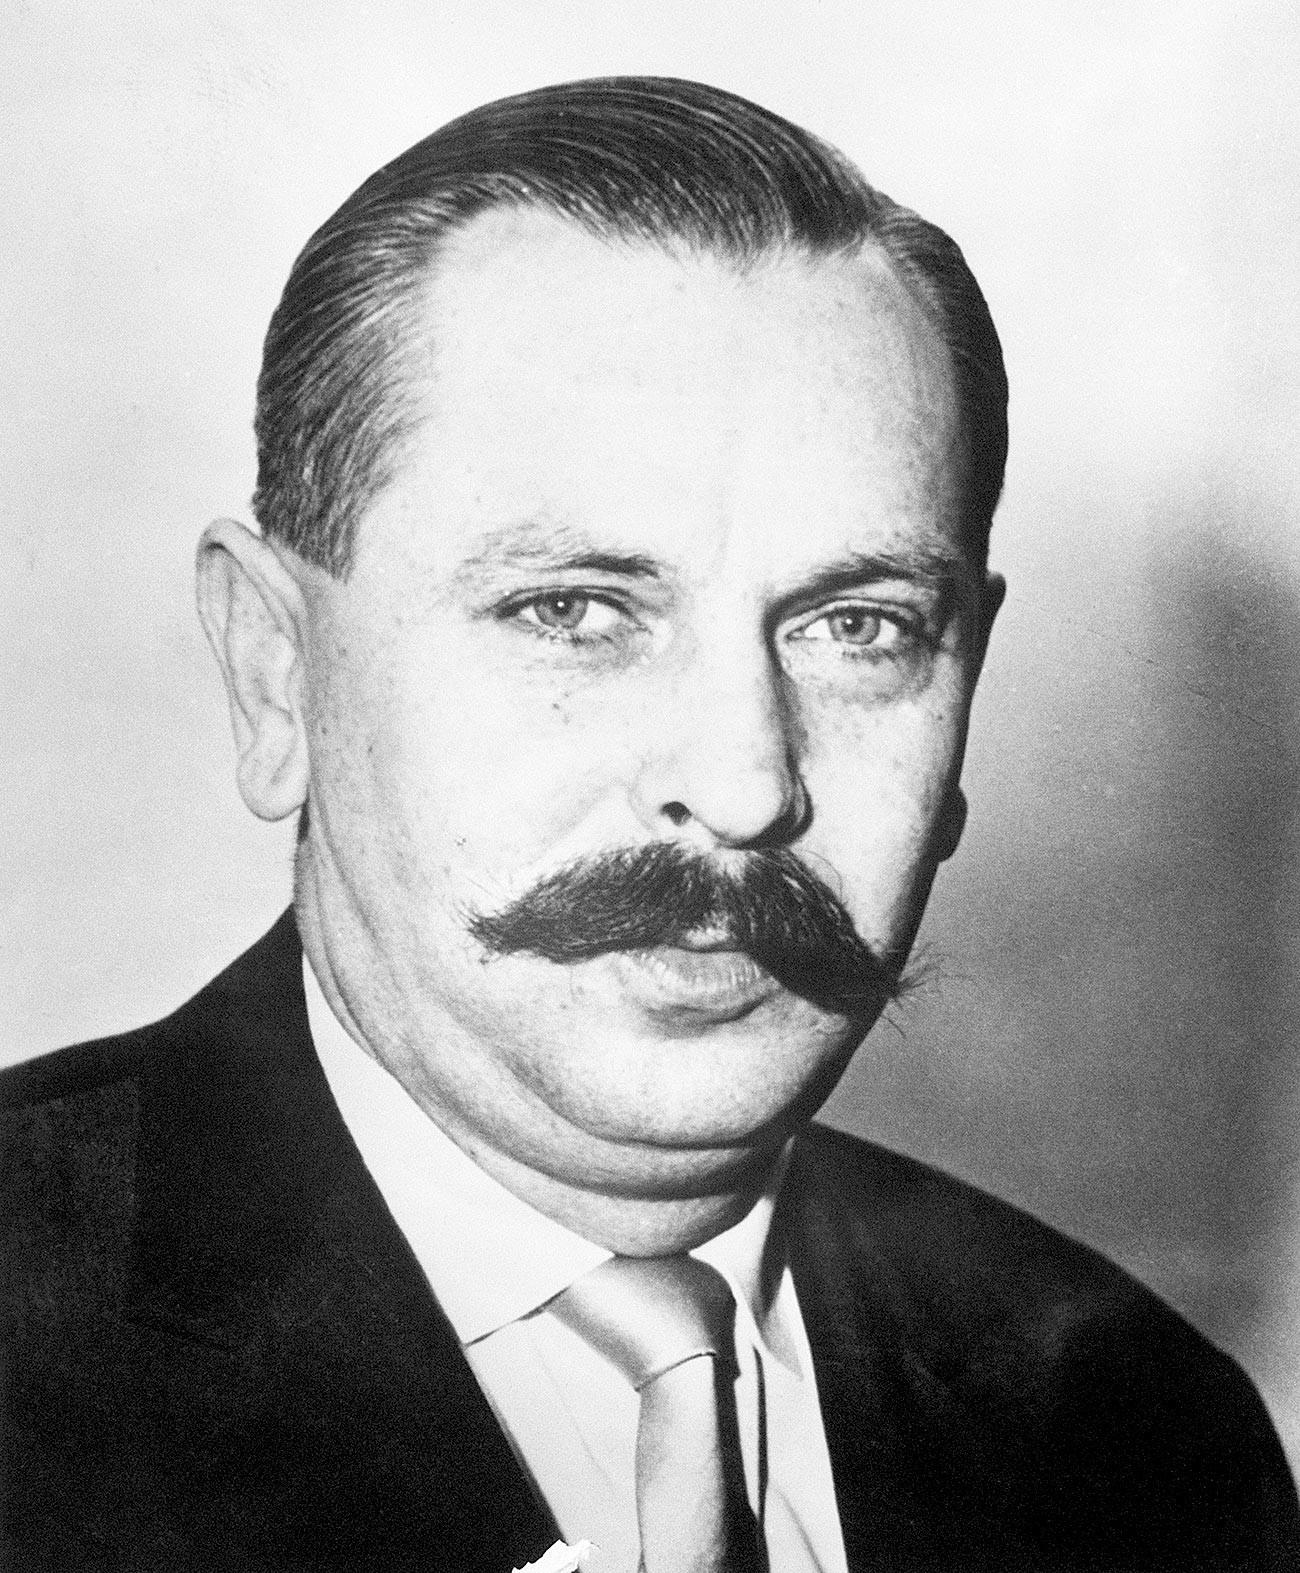 ミハウ・ゴレニェフス